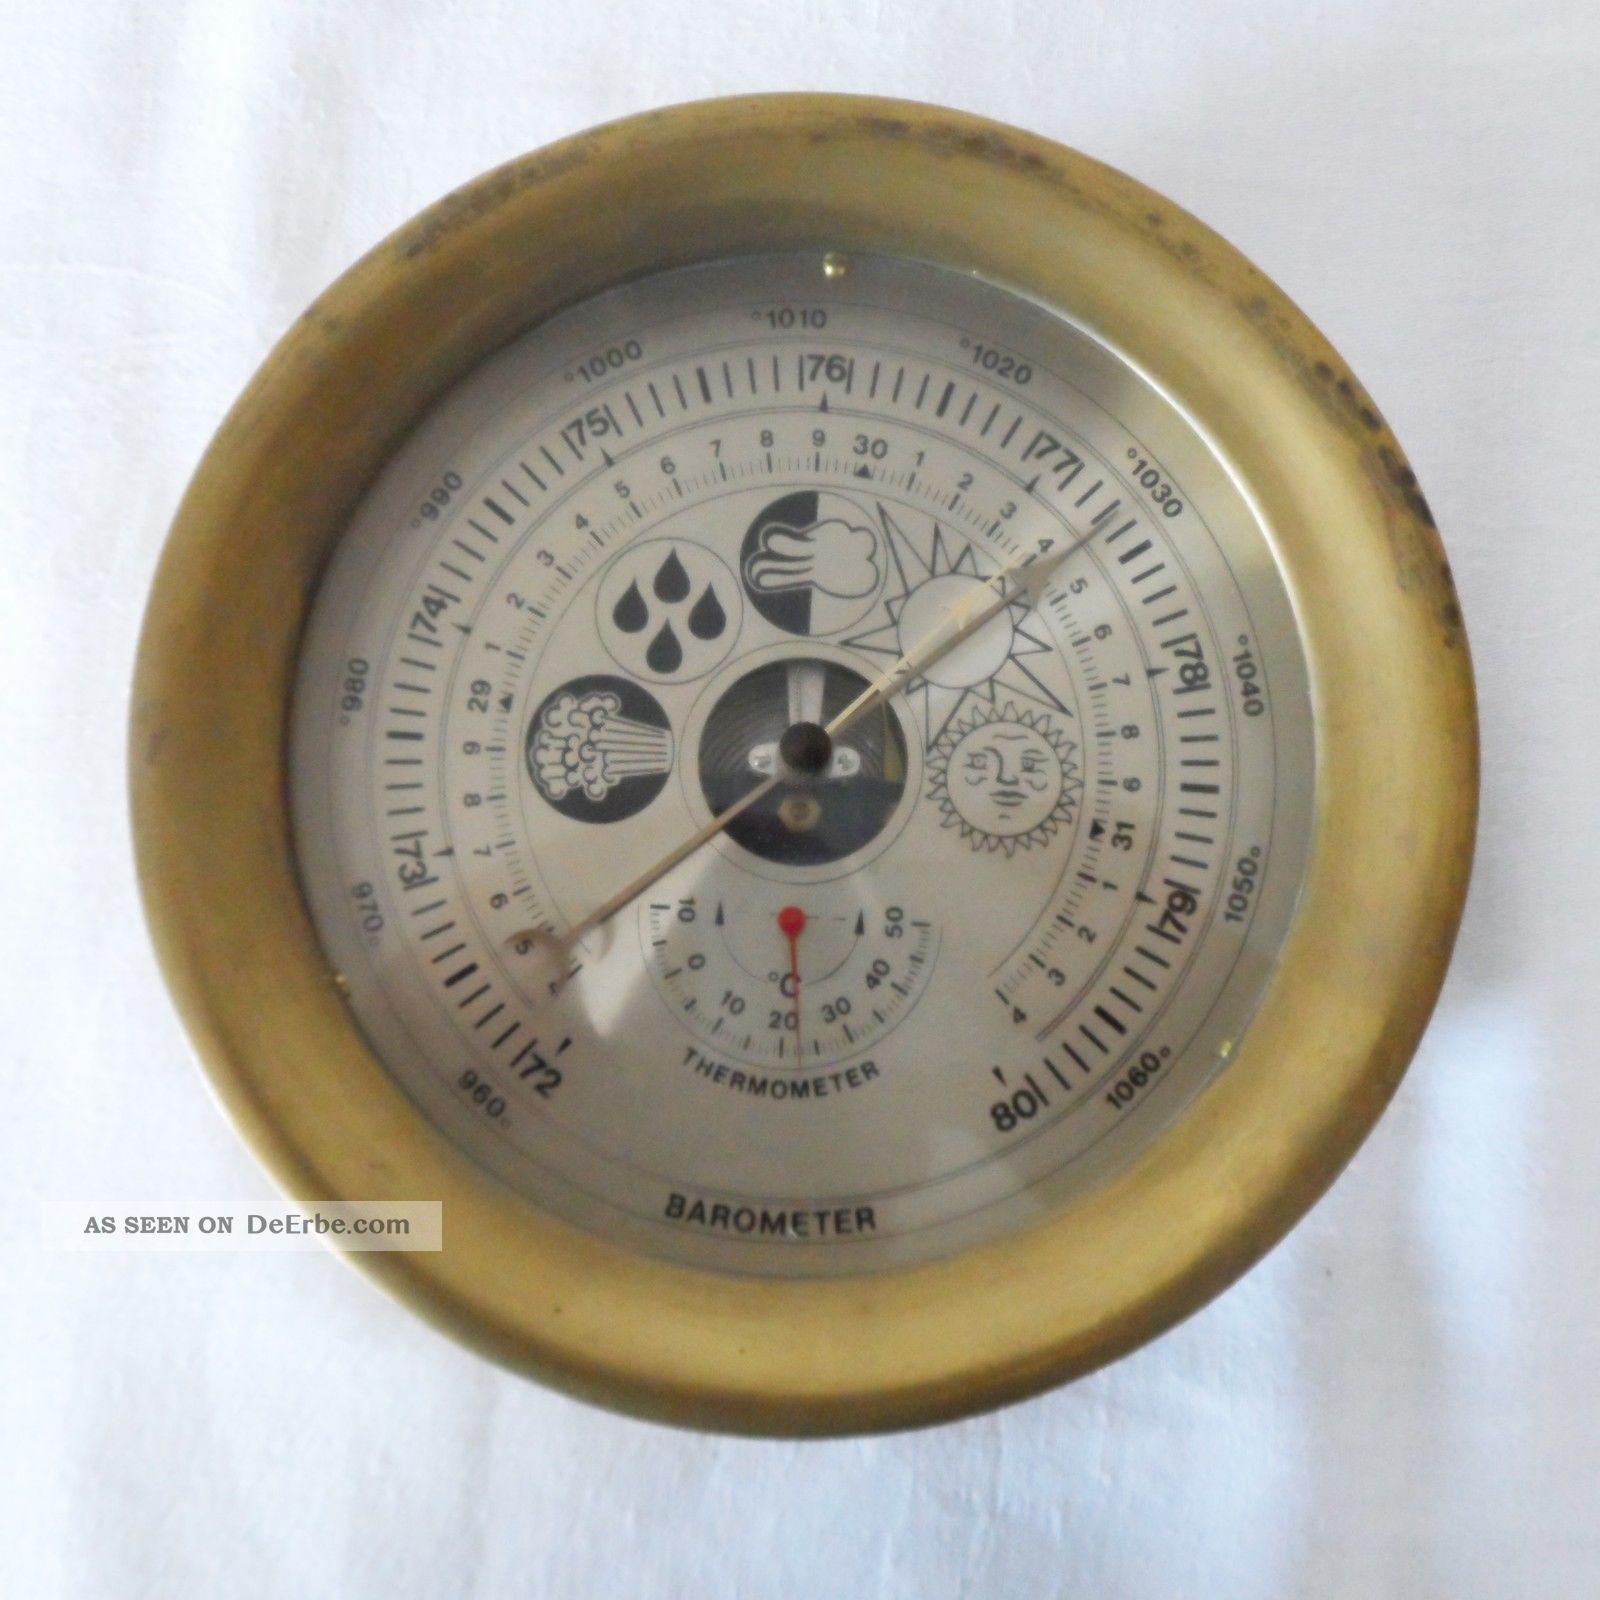 Schiffs - Wetterstation,  Barometer,  Thermometer,  Im Messinggehäuse, Wettergeräte Bild